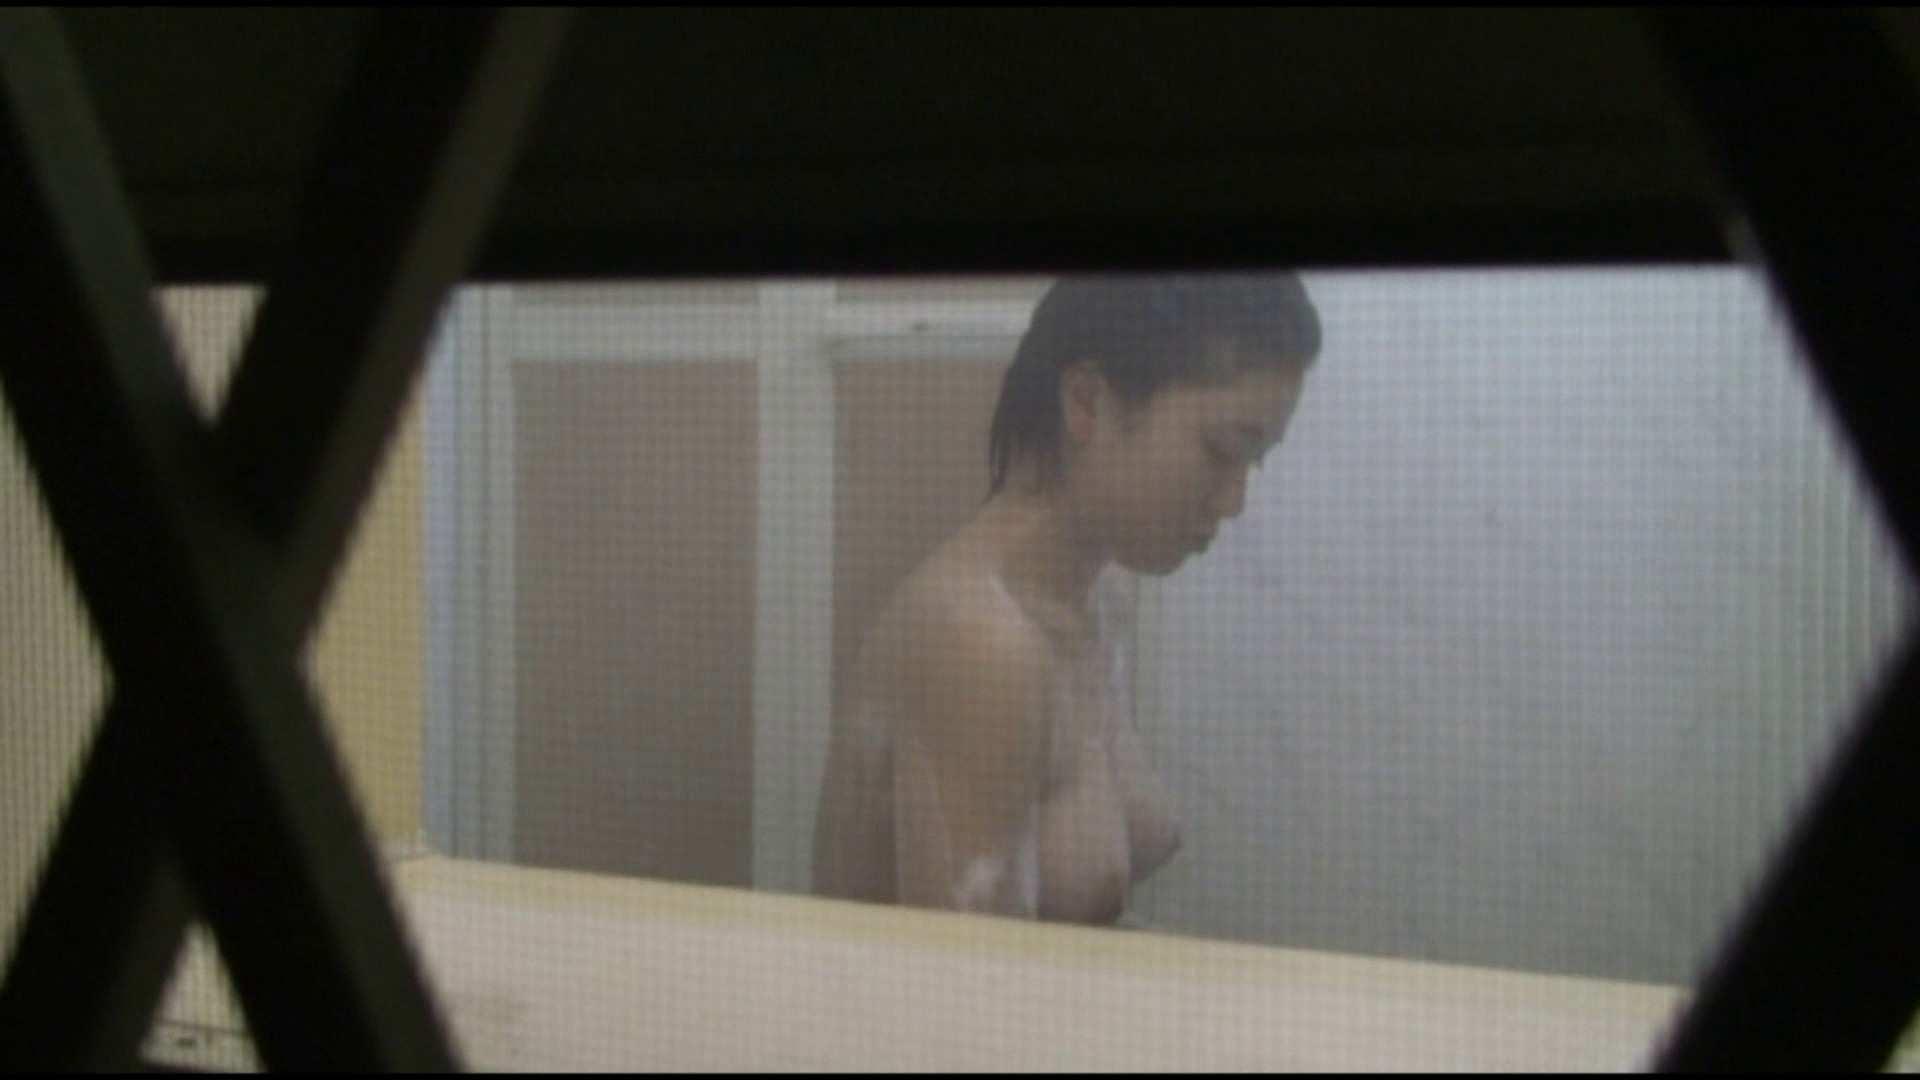 vol.04巨乳美人のおっぱいがプルルンッと弾けてます!風呂上りも必見 むっちり セックス無修正動画無料 78画像 36